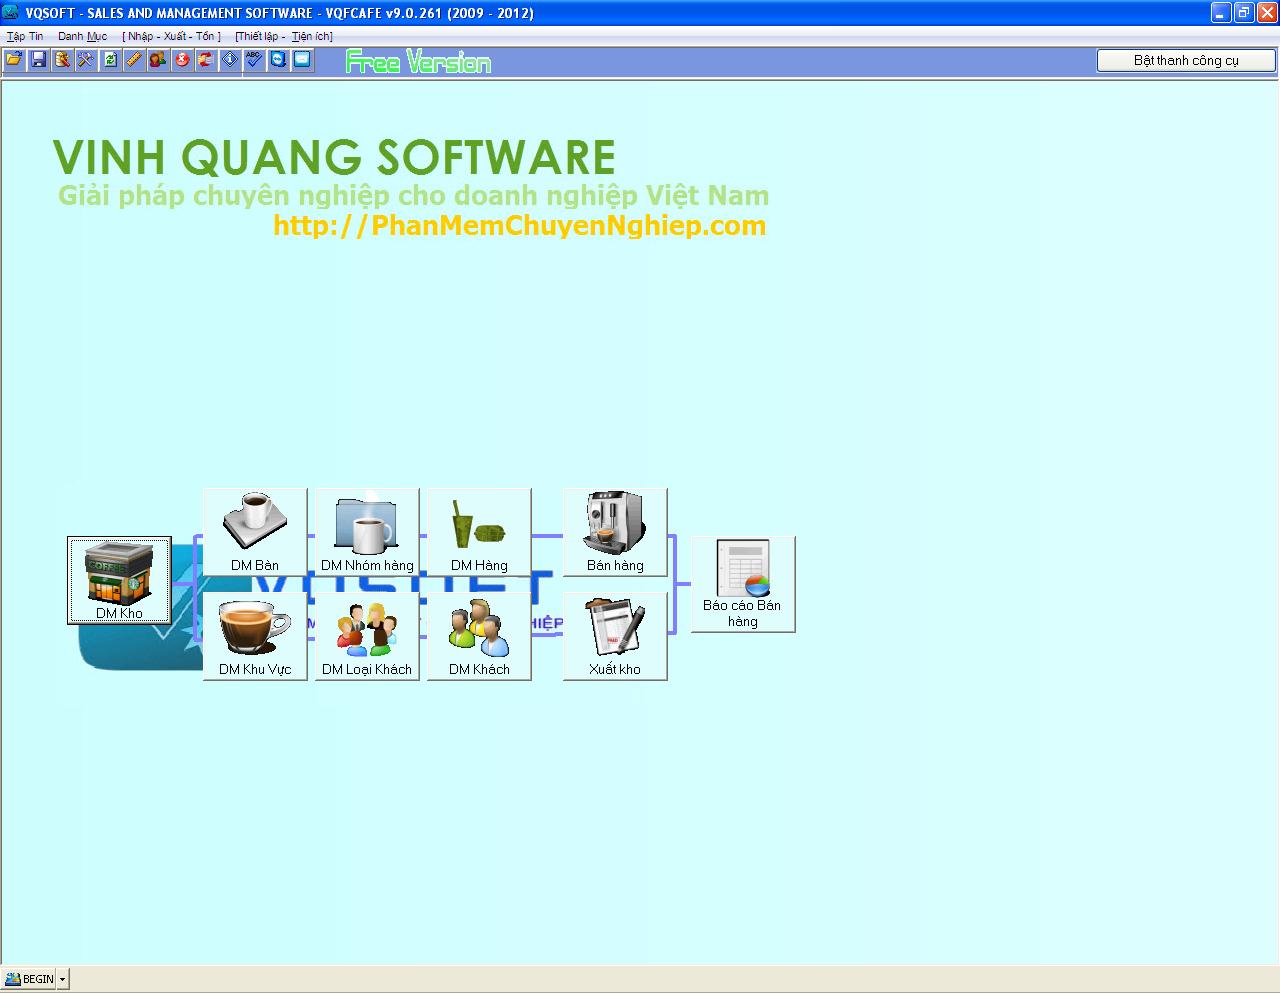 Phần mềm tính tiền miễn phí